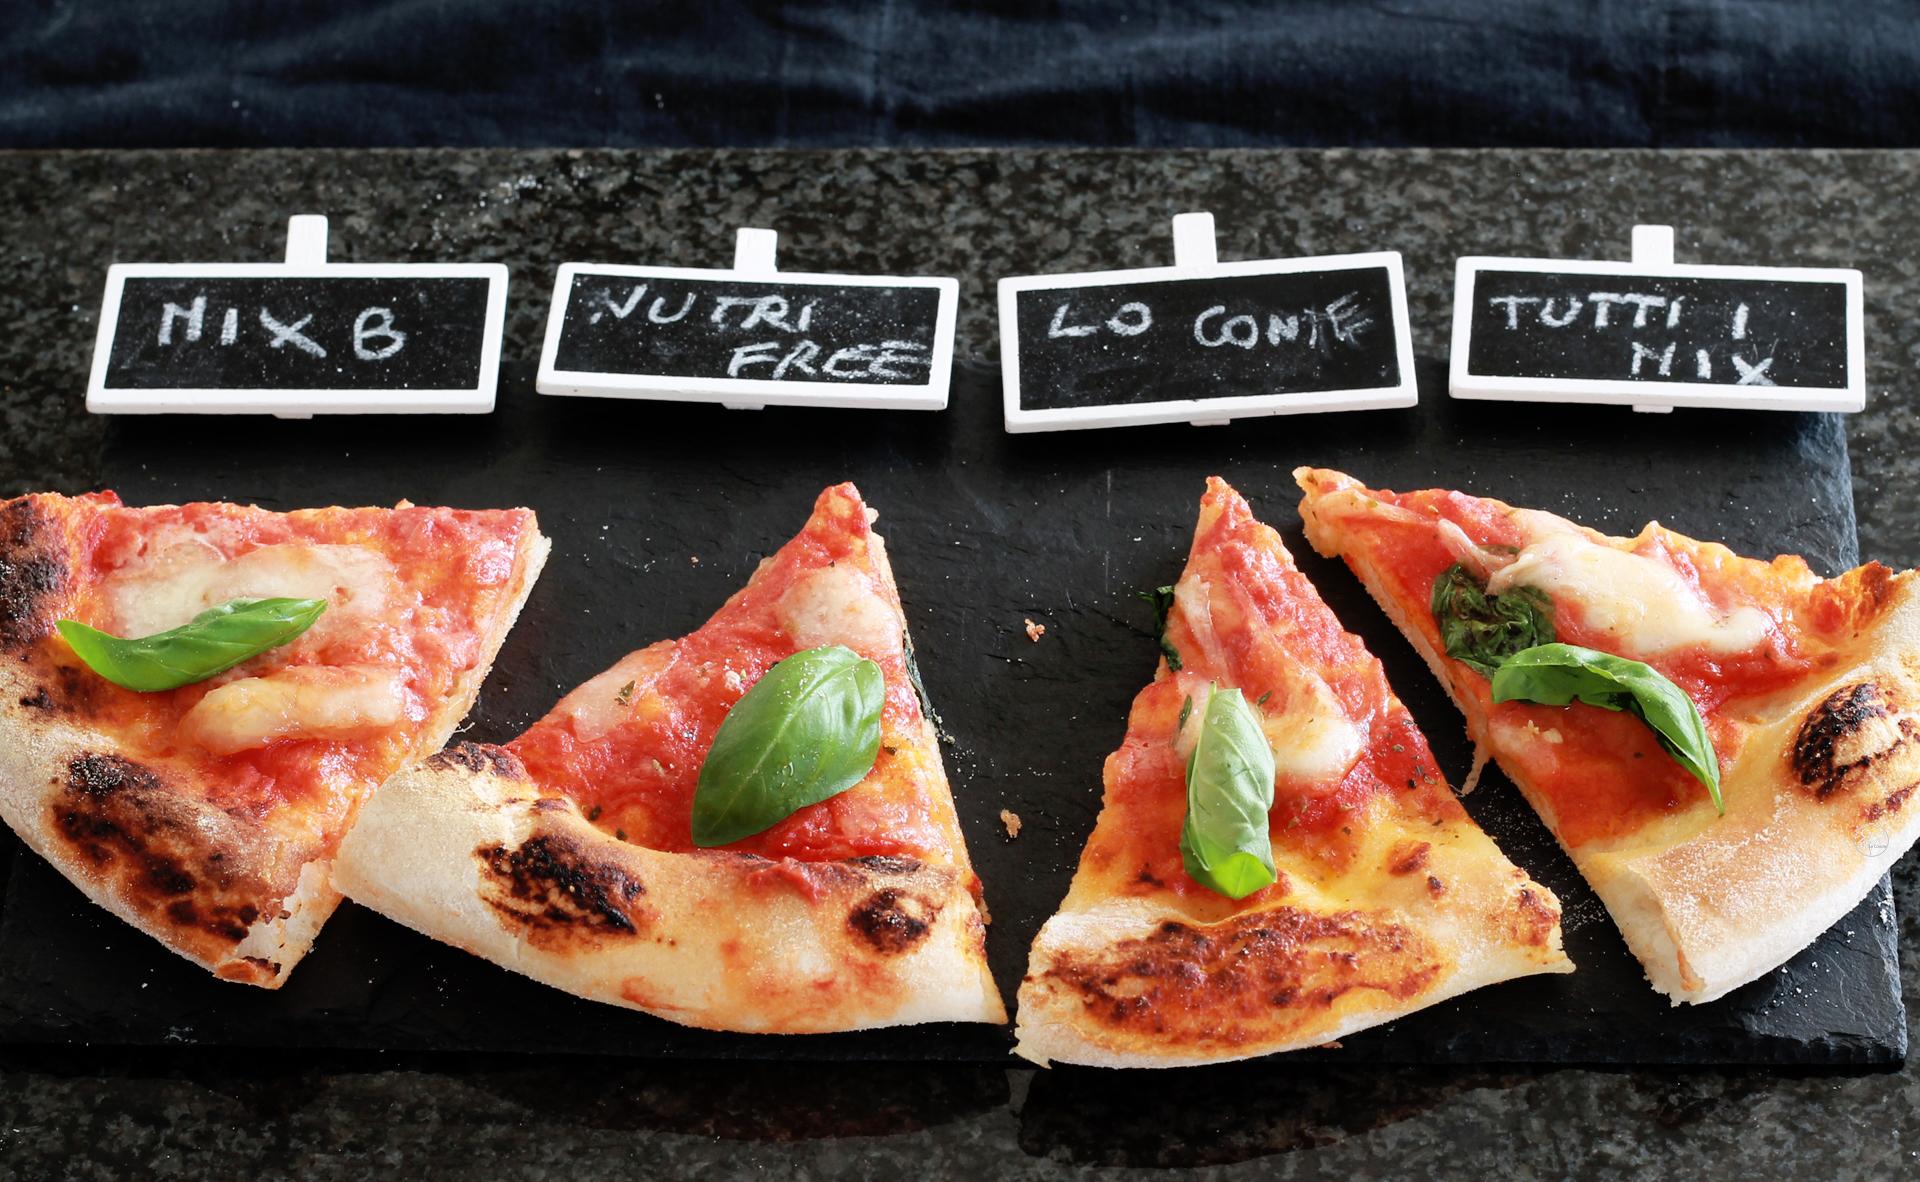 Pizza senza glutine: come idratare gli impasti? - La Cassata Celiaca